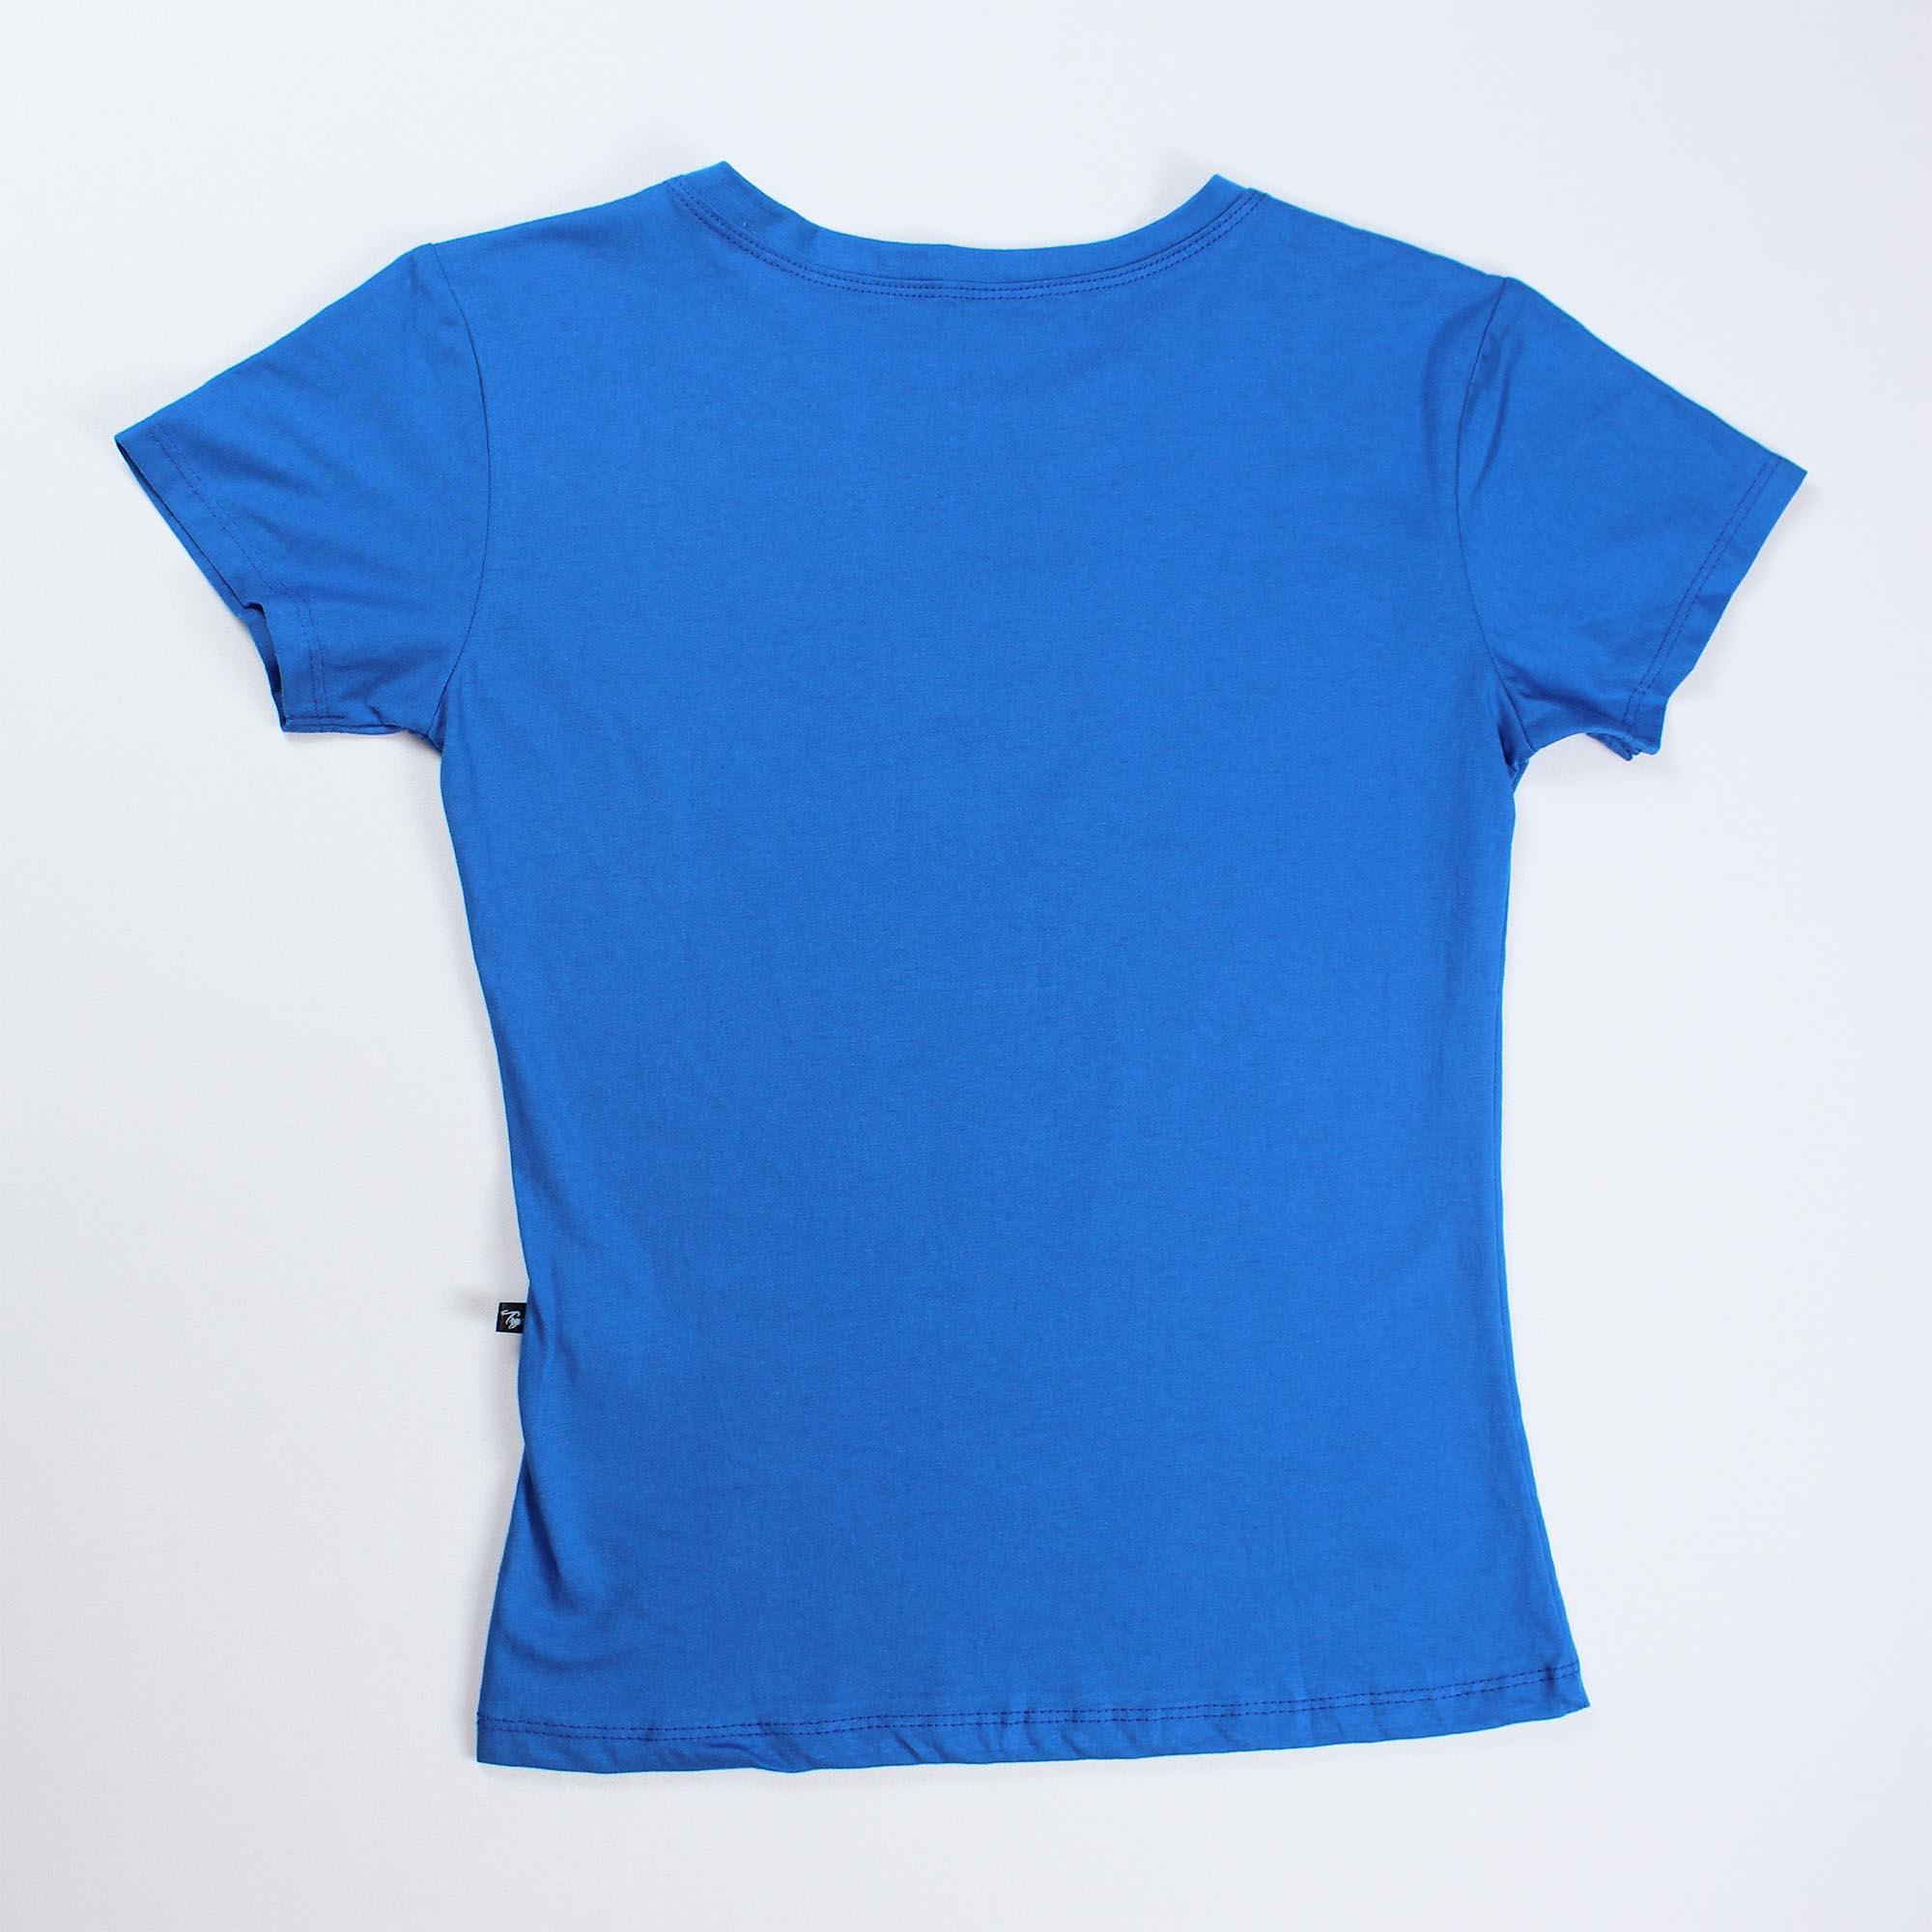 T-Shirt Free Hugs Feminina - Azul